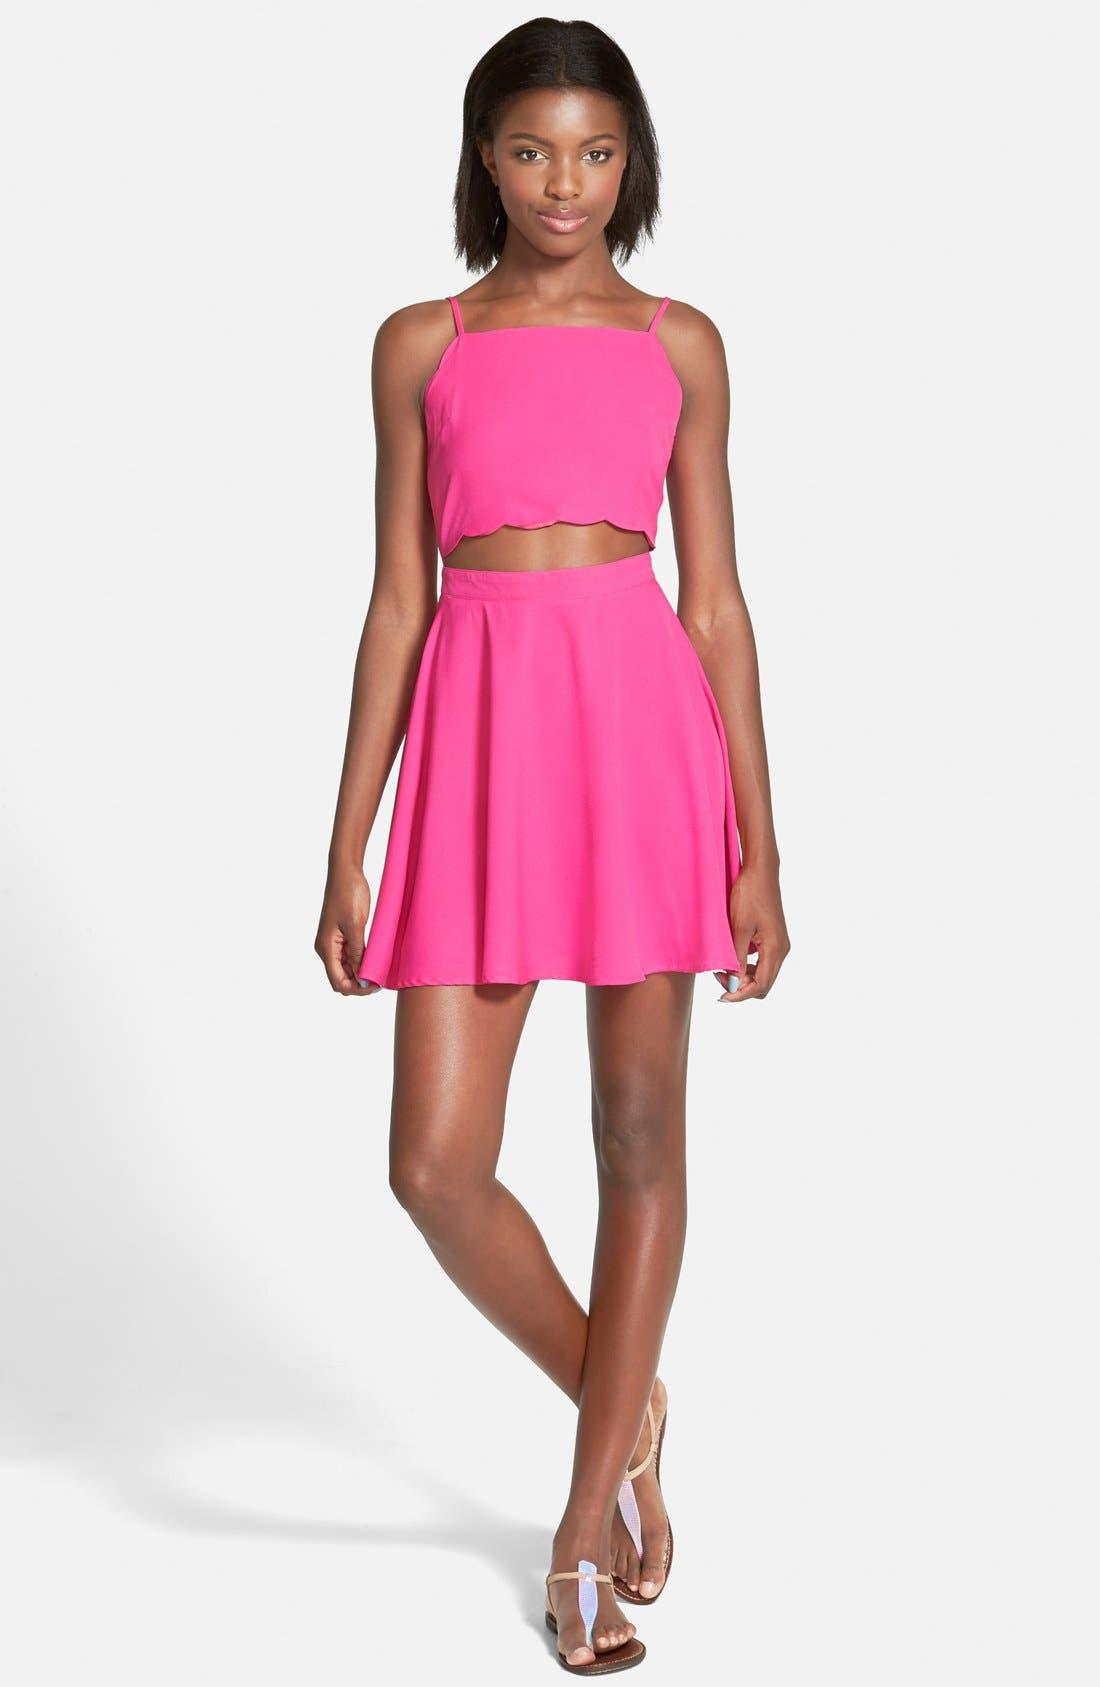 Main Image - Cream and Sugar Cutout Skater Dress